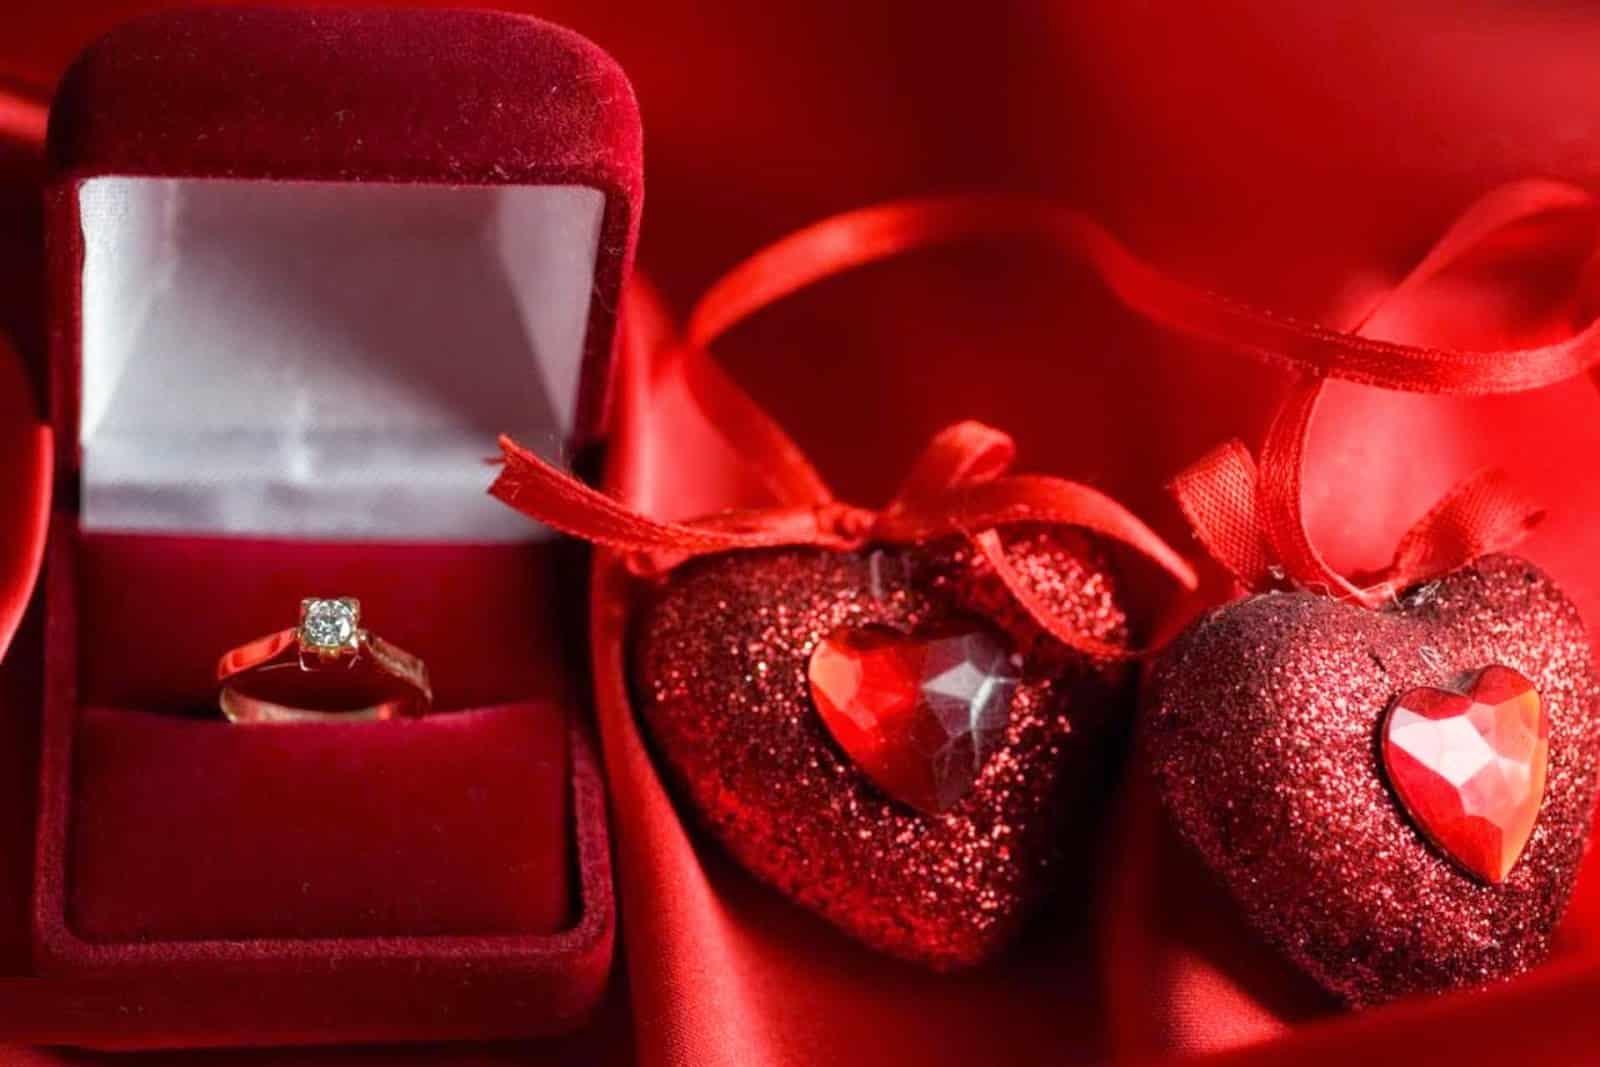 بالصور رسائل عيد الحب , اروع رسايل عيد الحب 5841 6